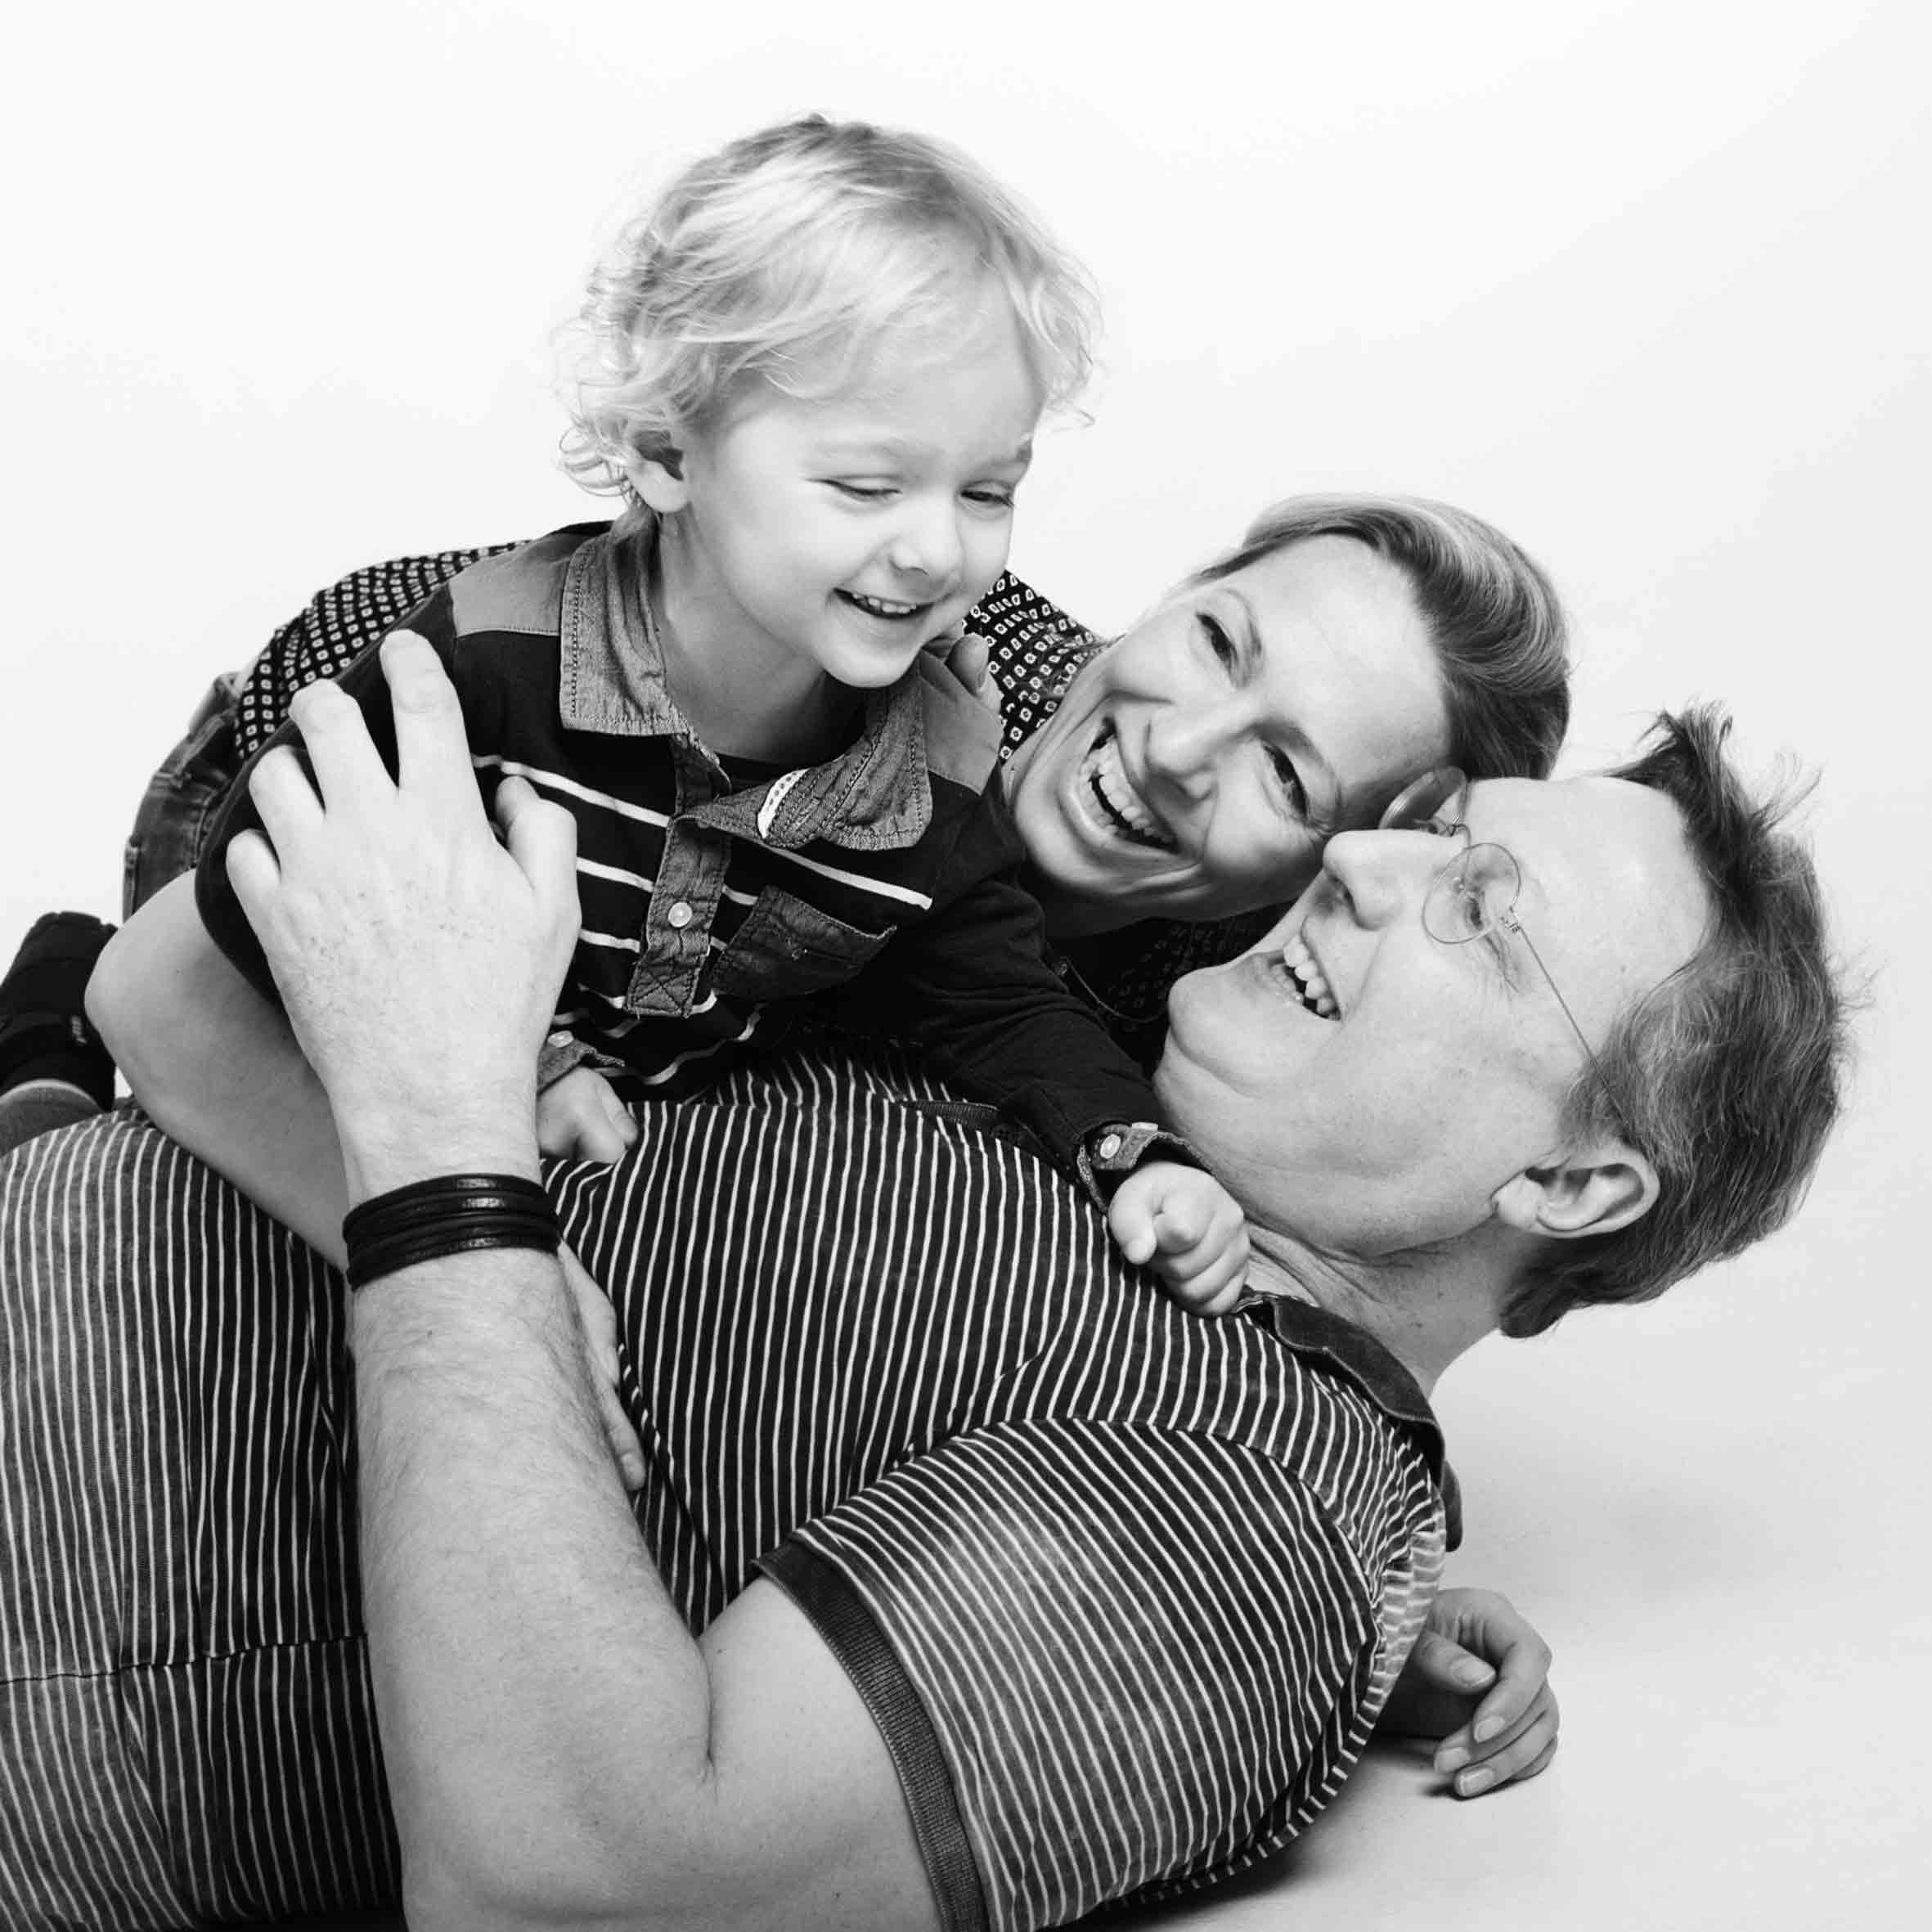 Familienbilder voller Liebe